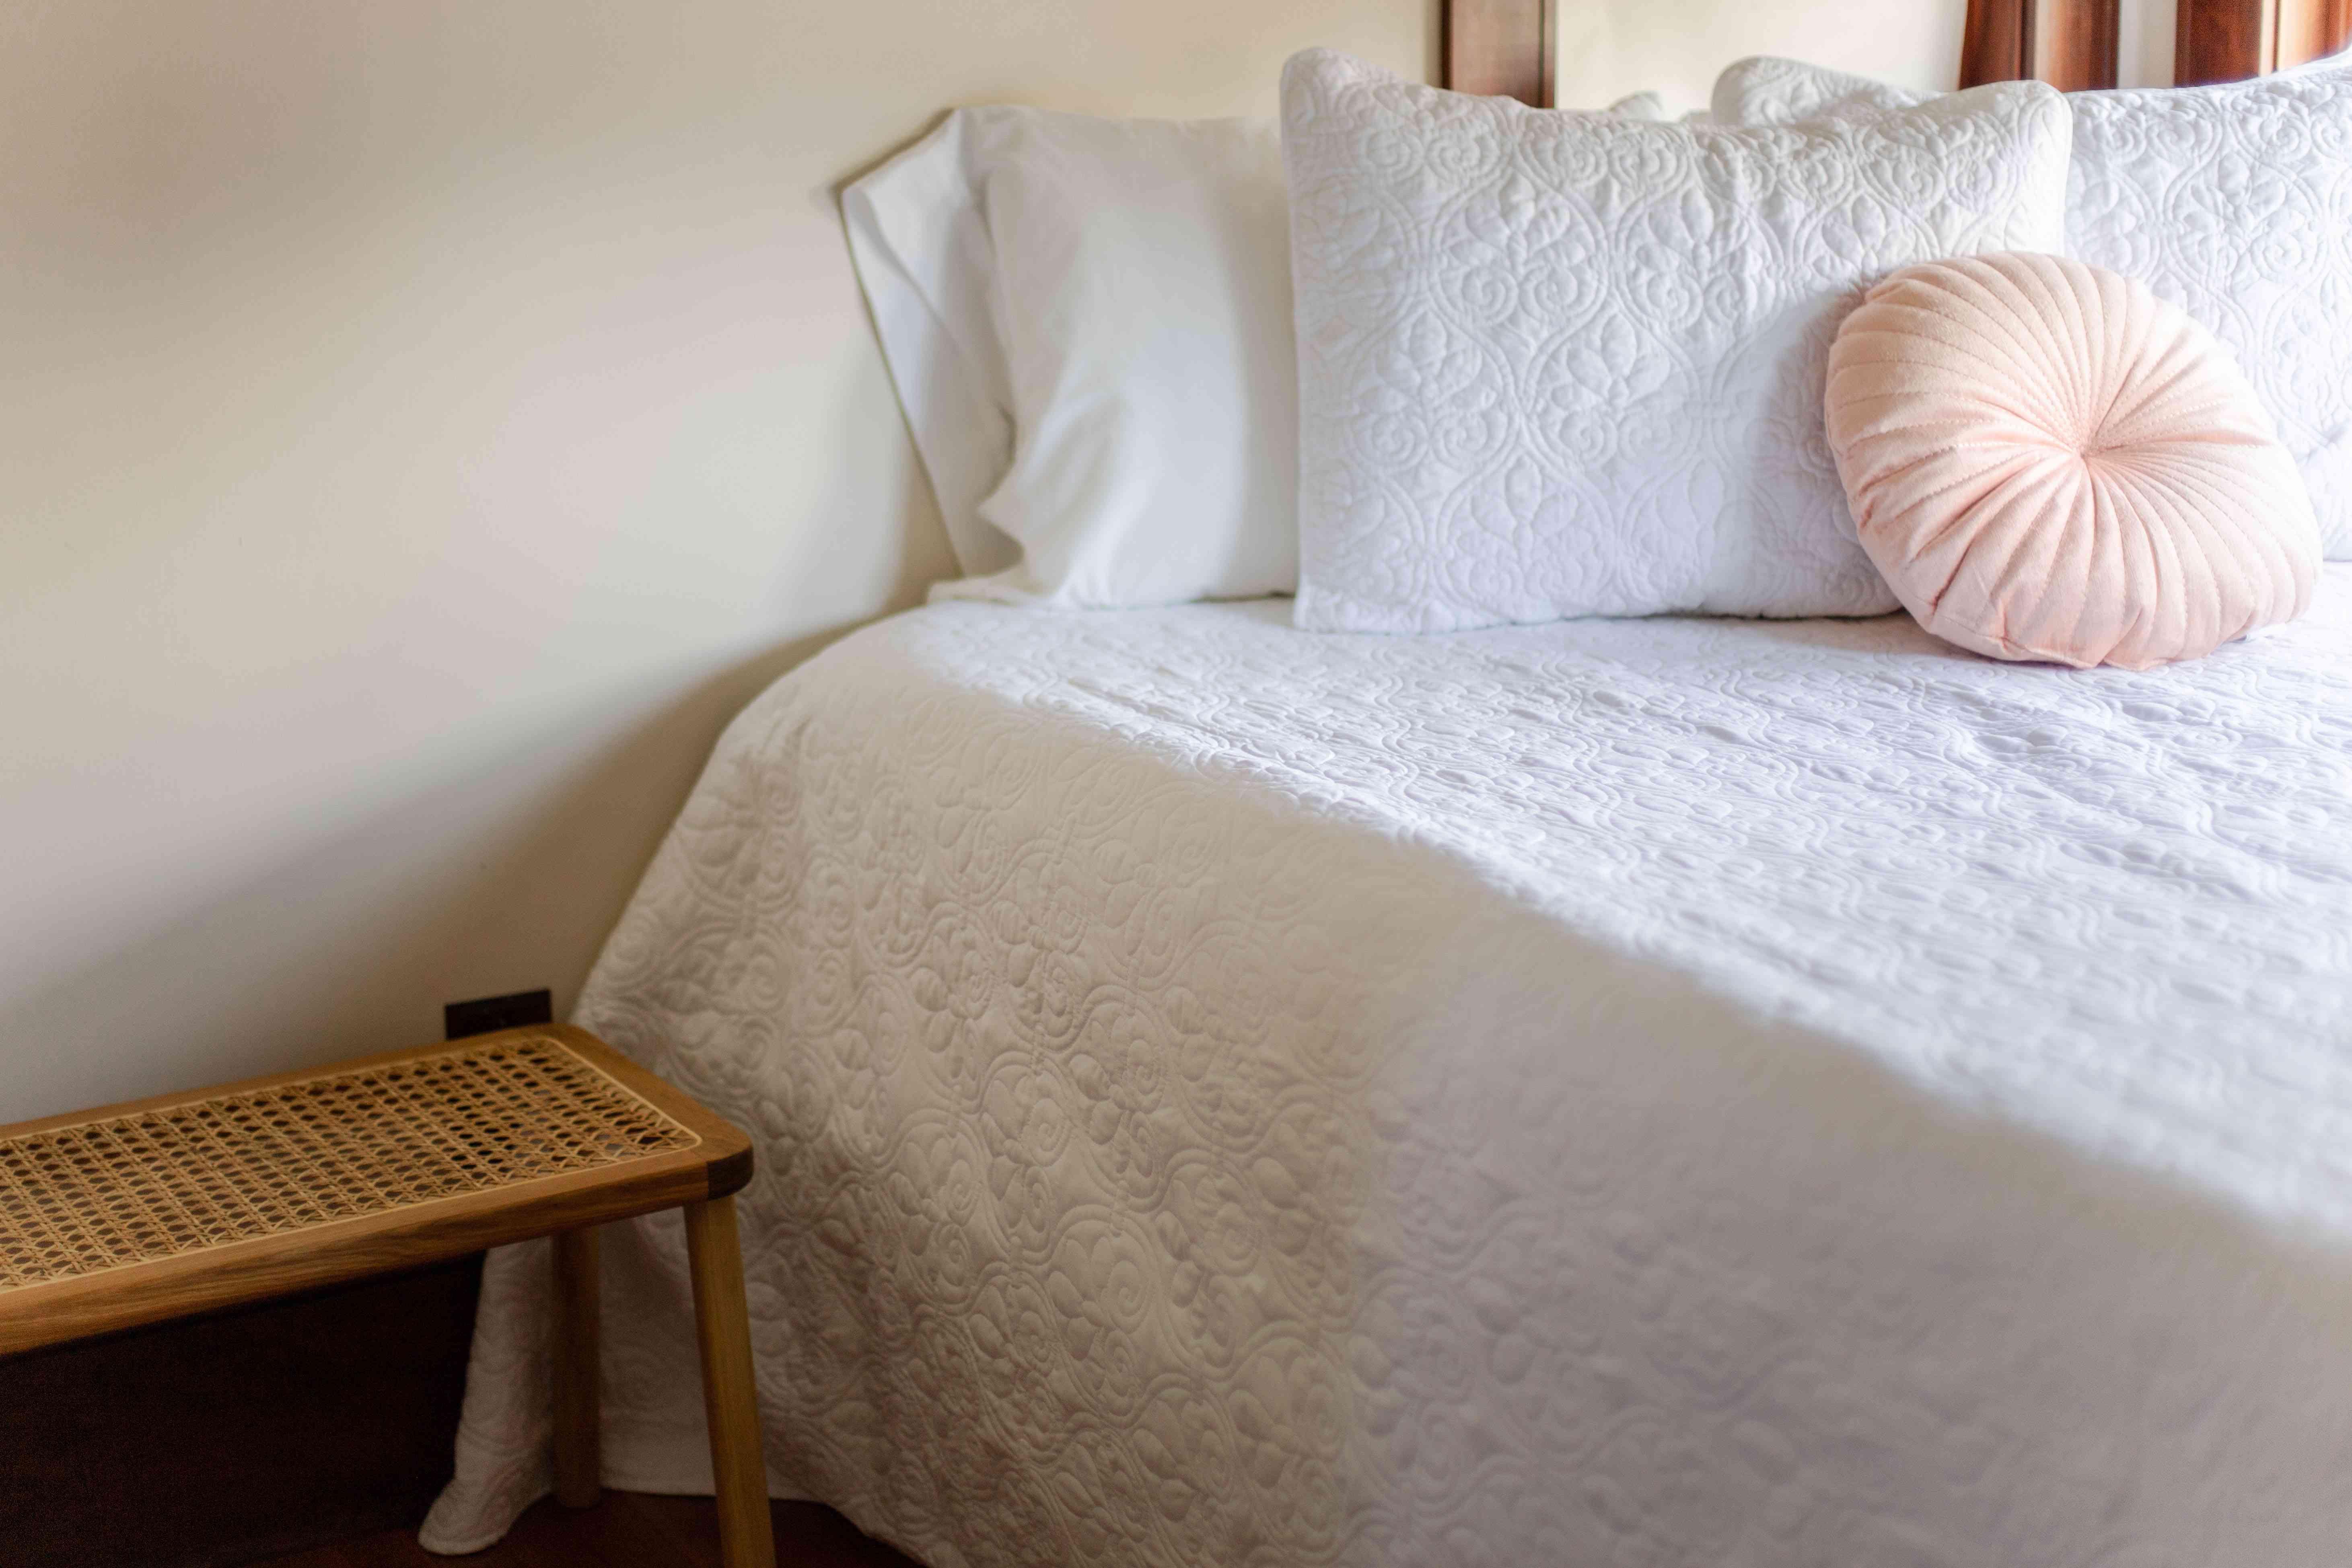 bedspread grazing the floor